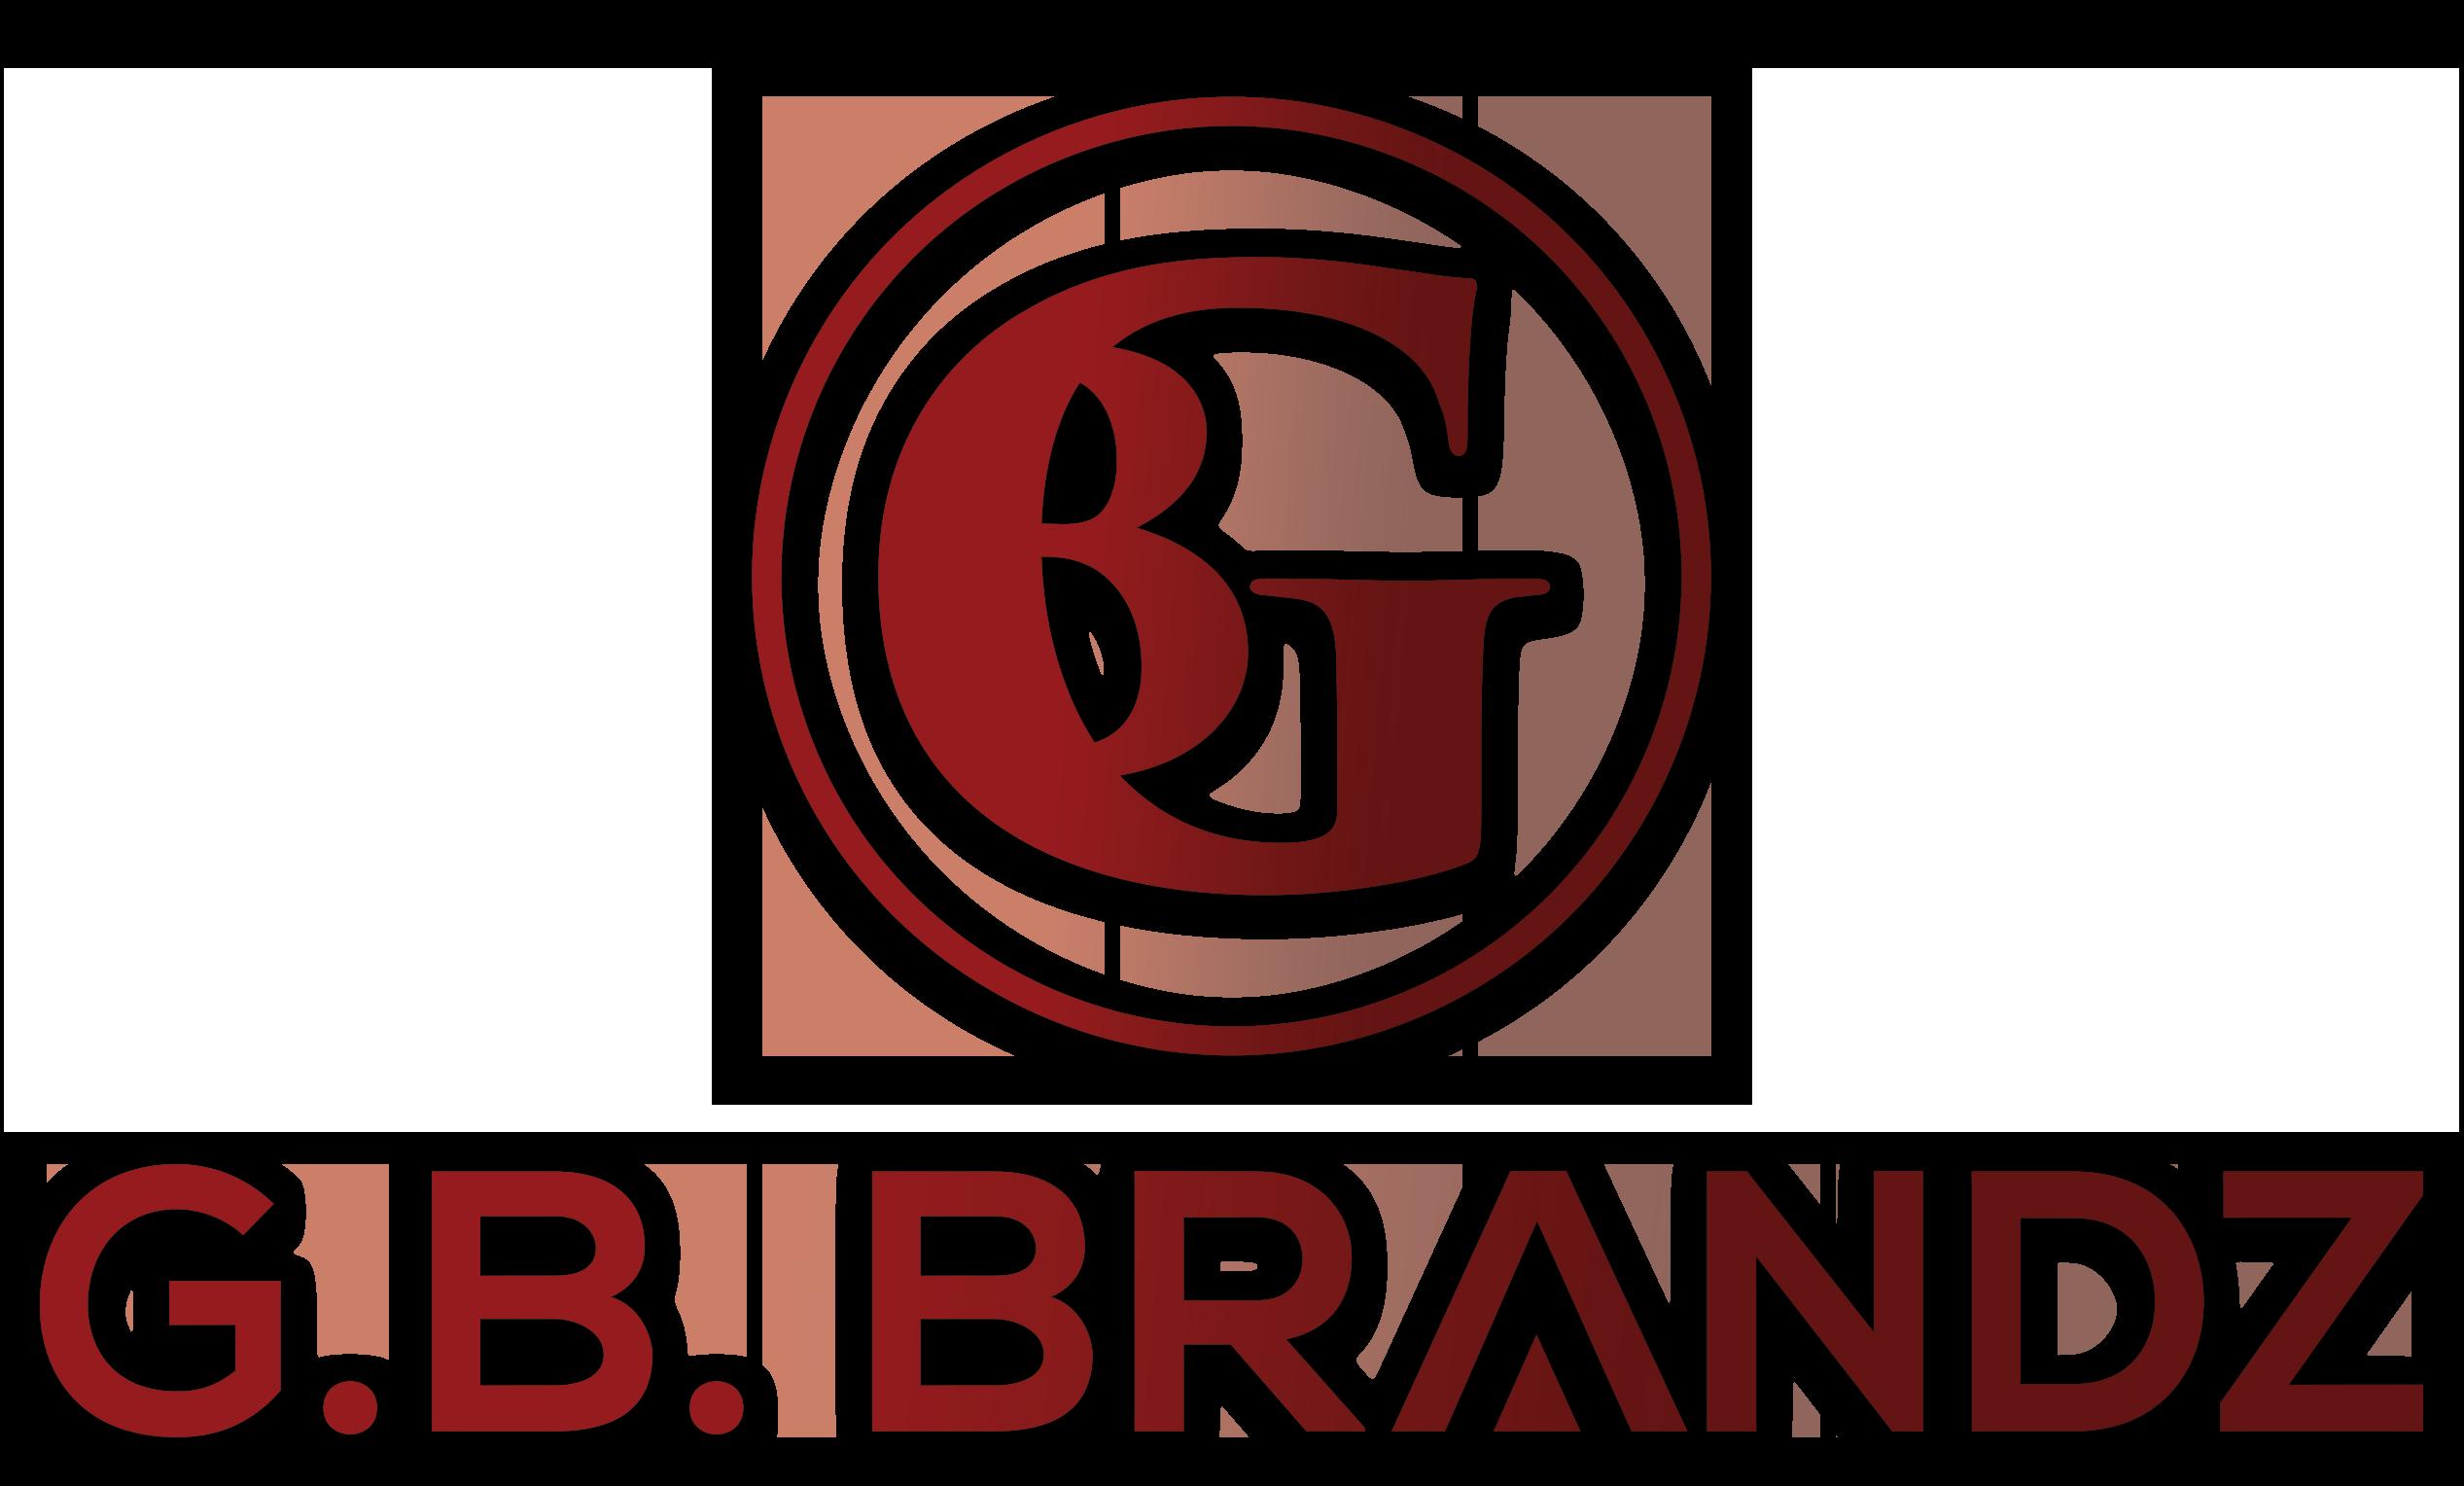 G.B. Brandz